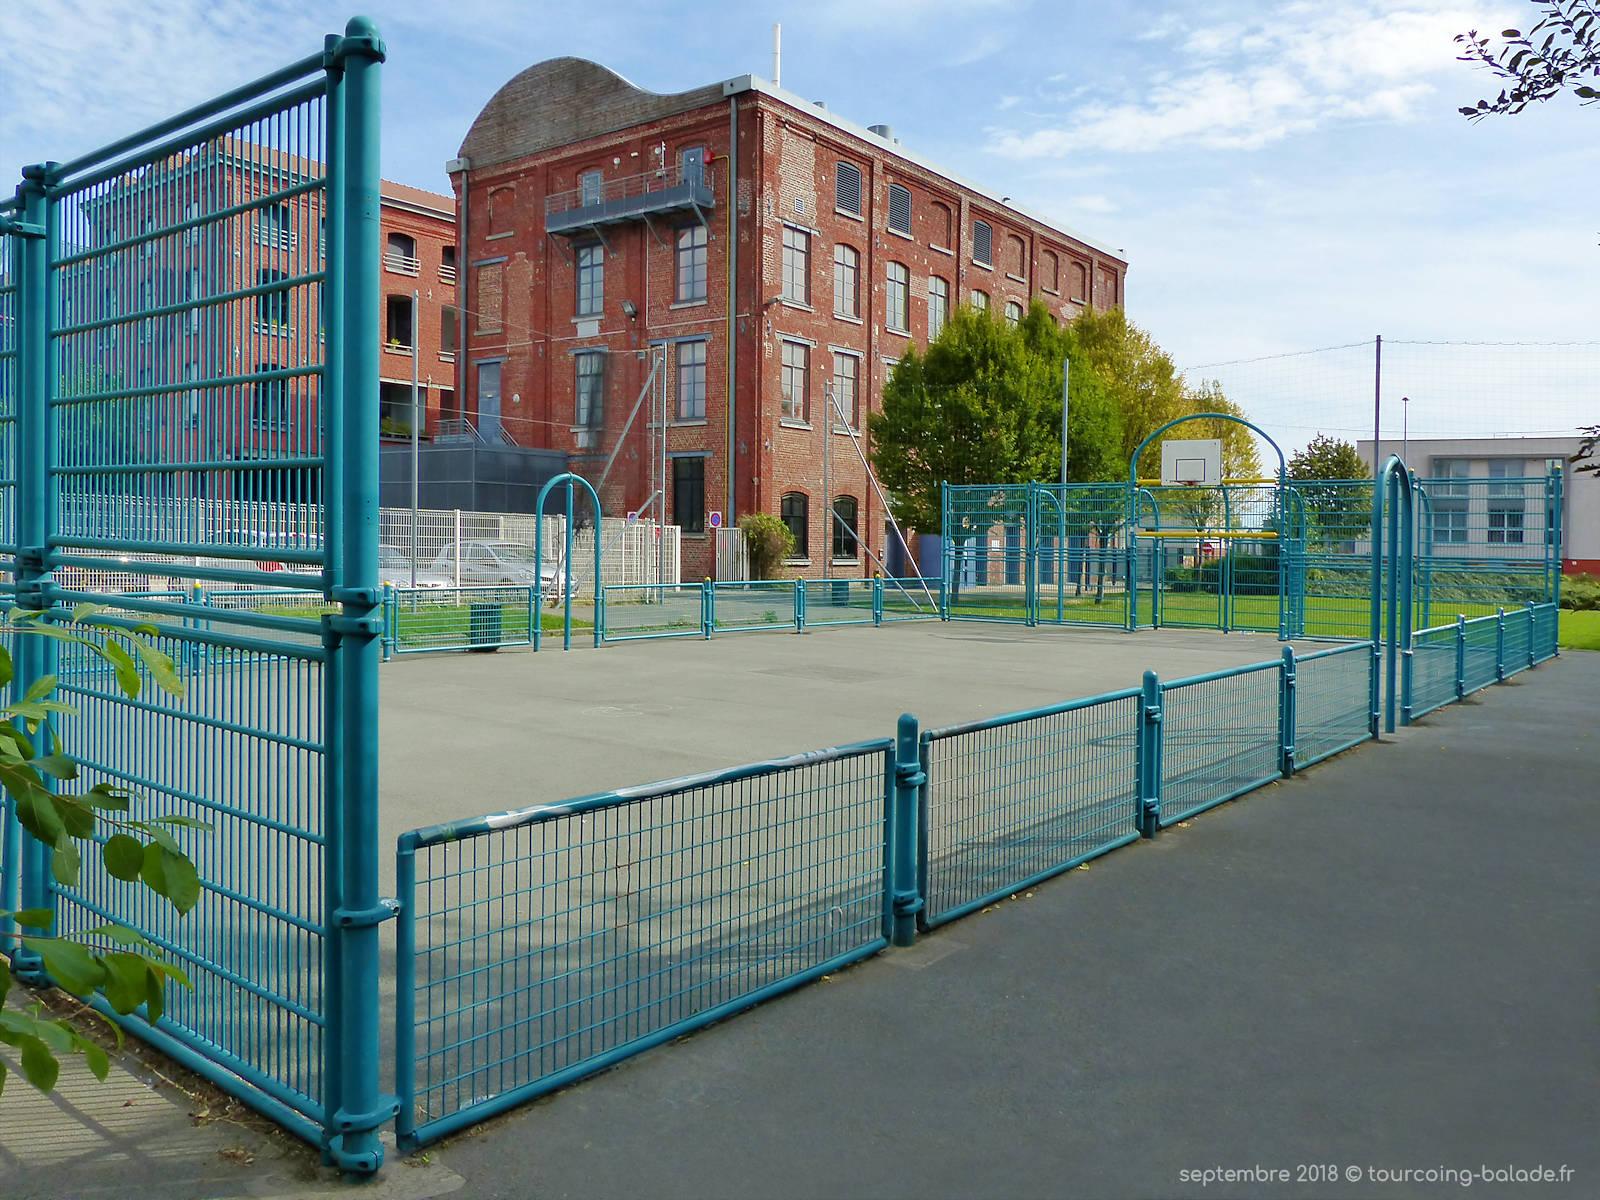 Terrain de Basket, MCJ La Fabrique, Tourcoing 2018